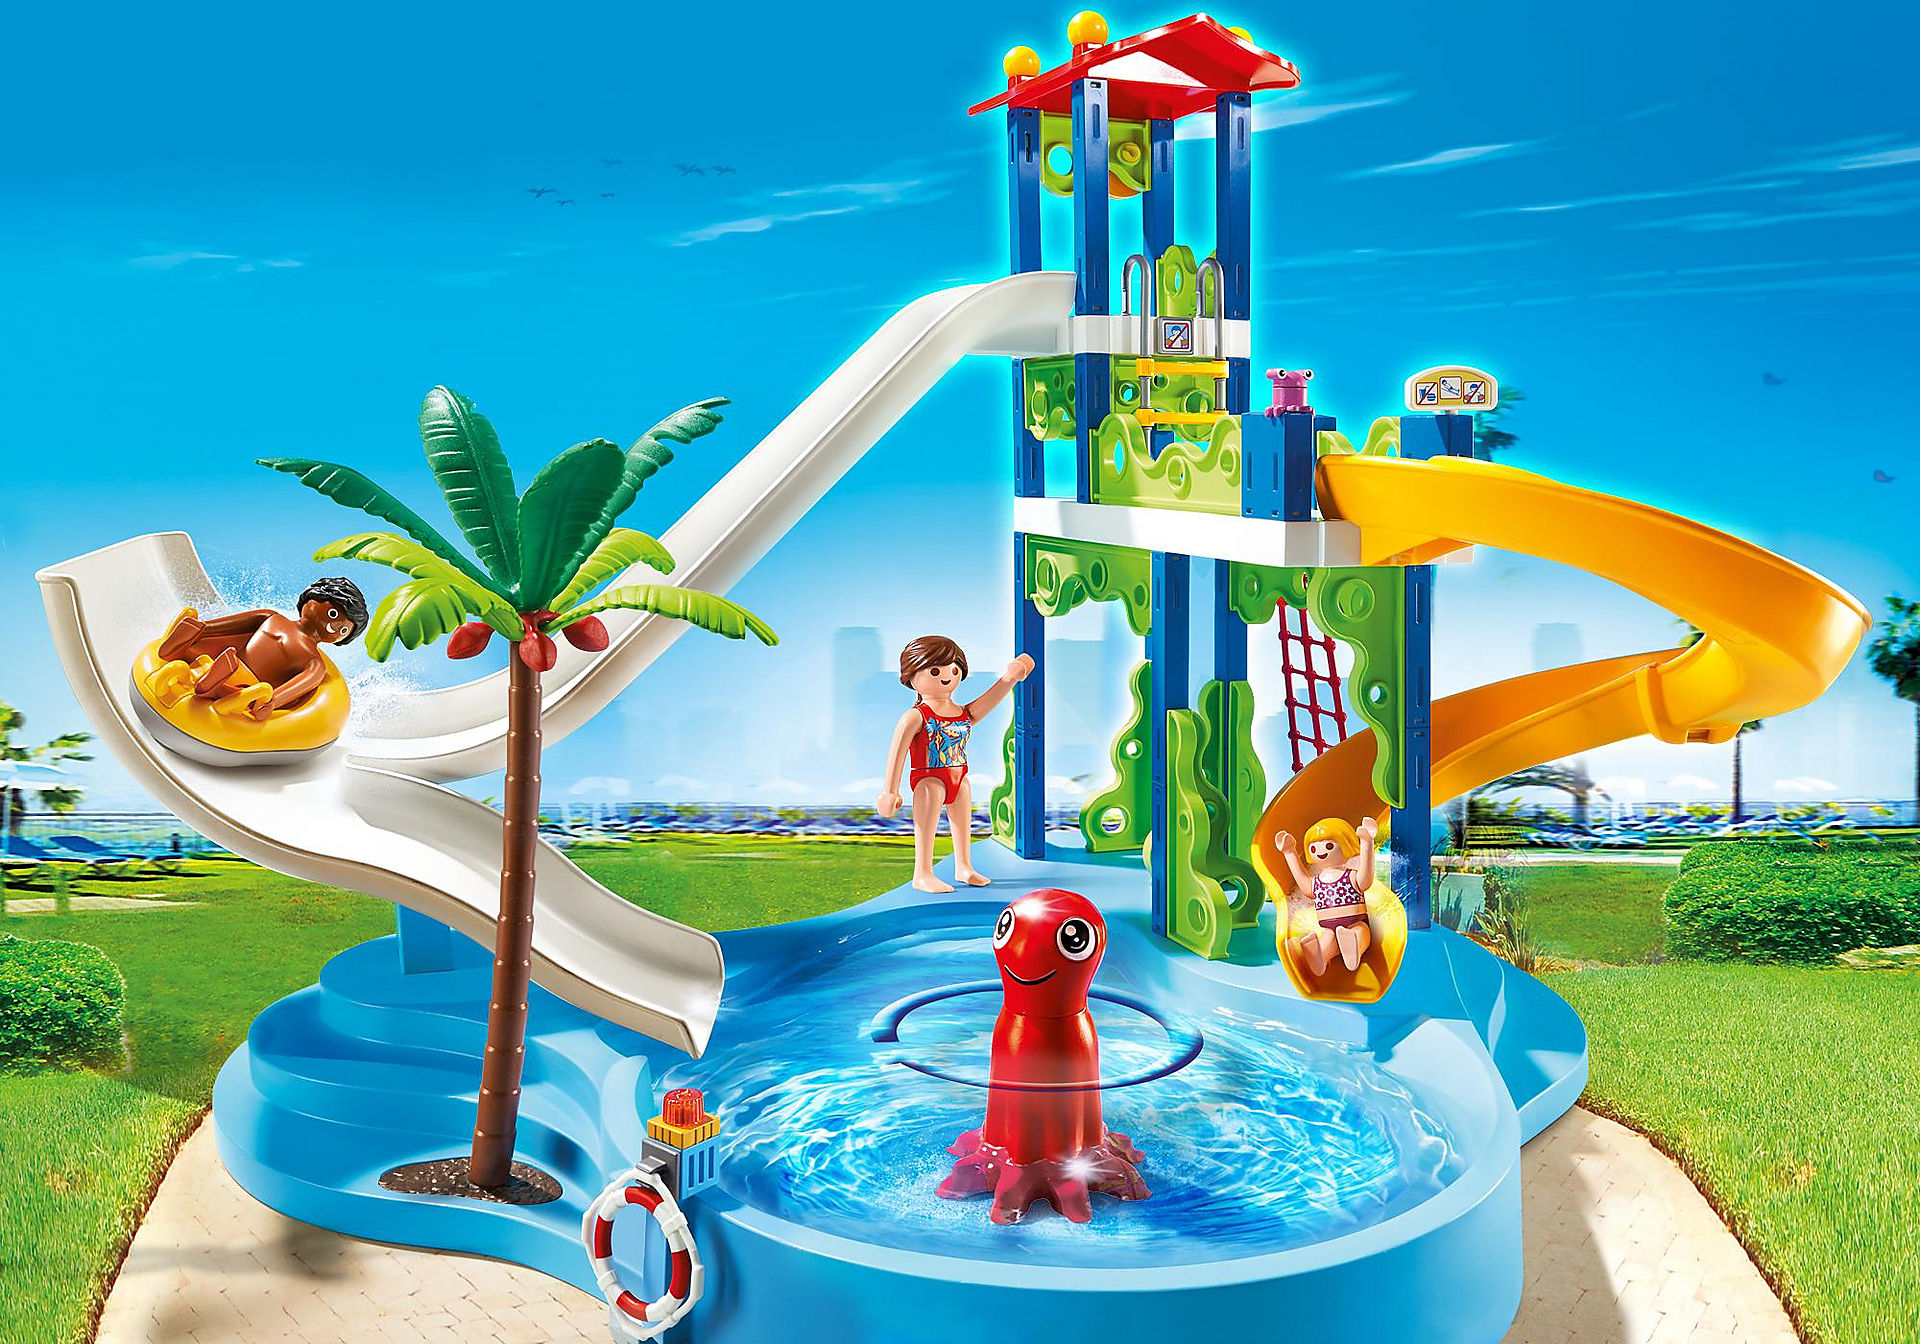 6669 Parc aquatique avec toboggans géants zoom image1